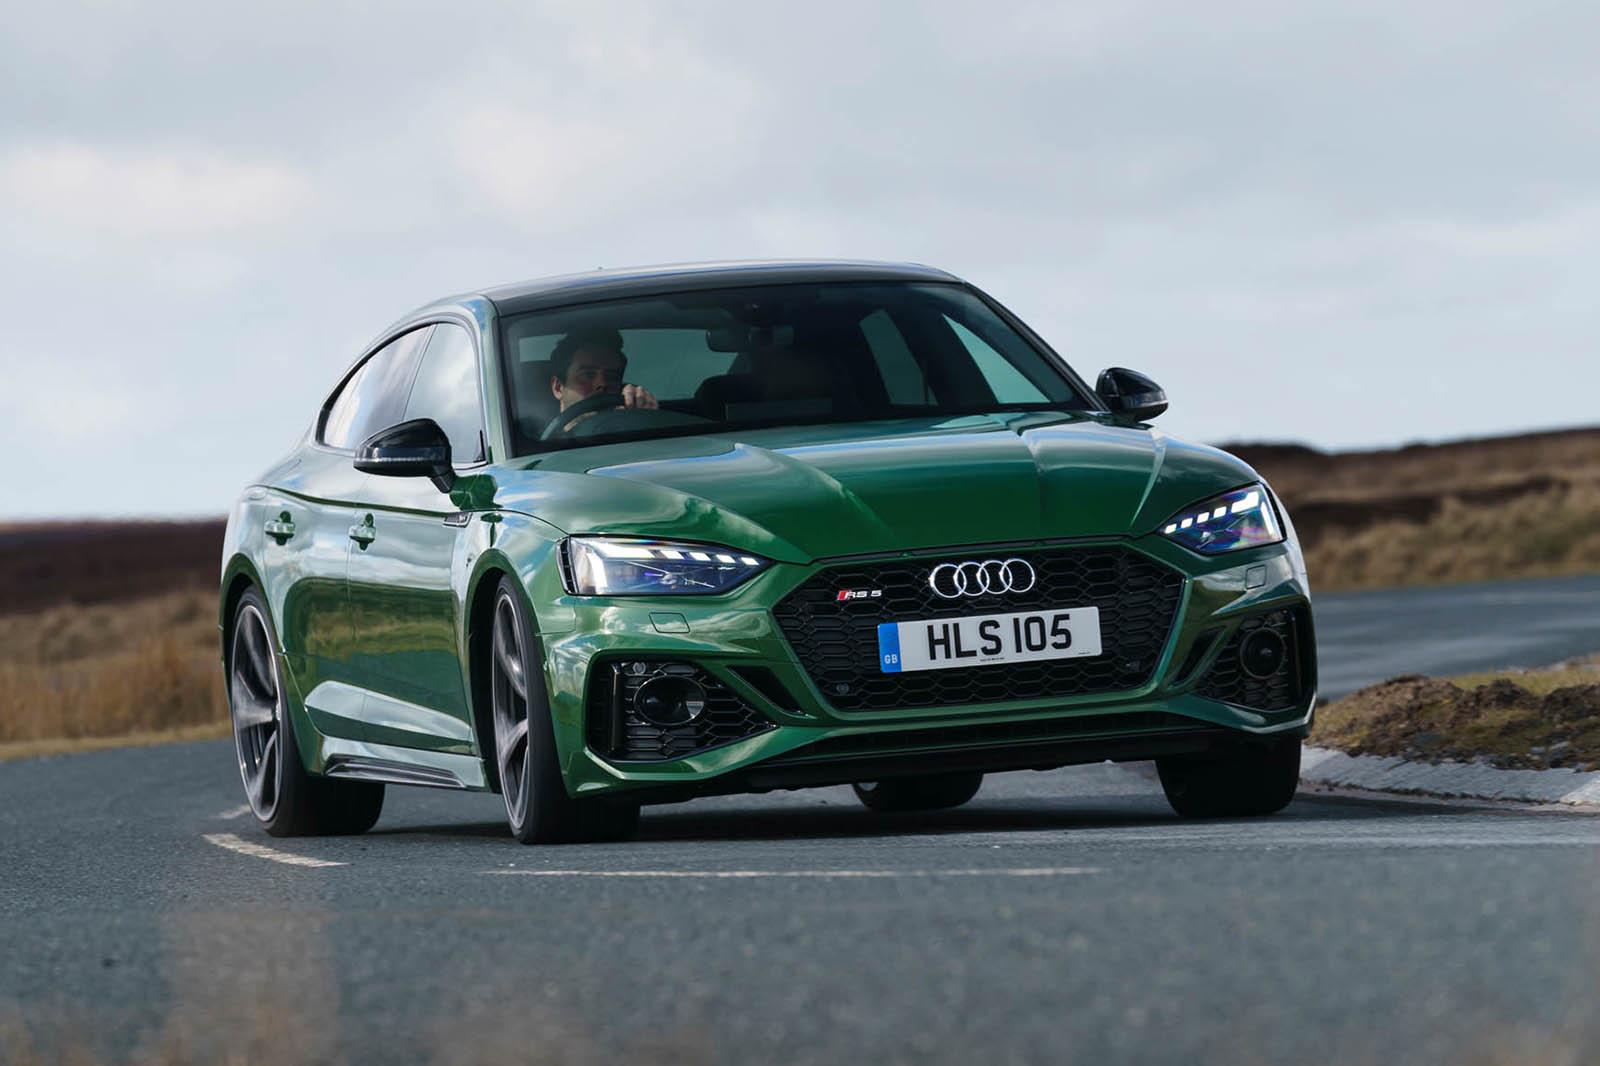 Audi Rs5 Sportback 2020 Uk Review Review Autocar